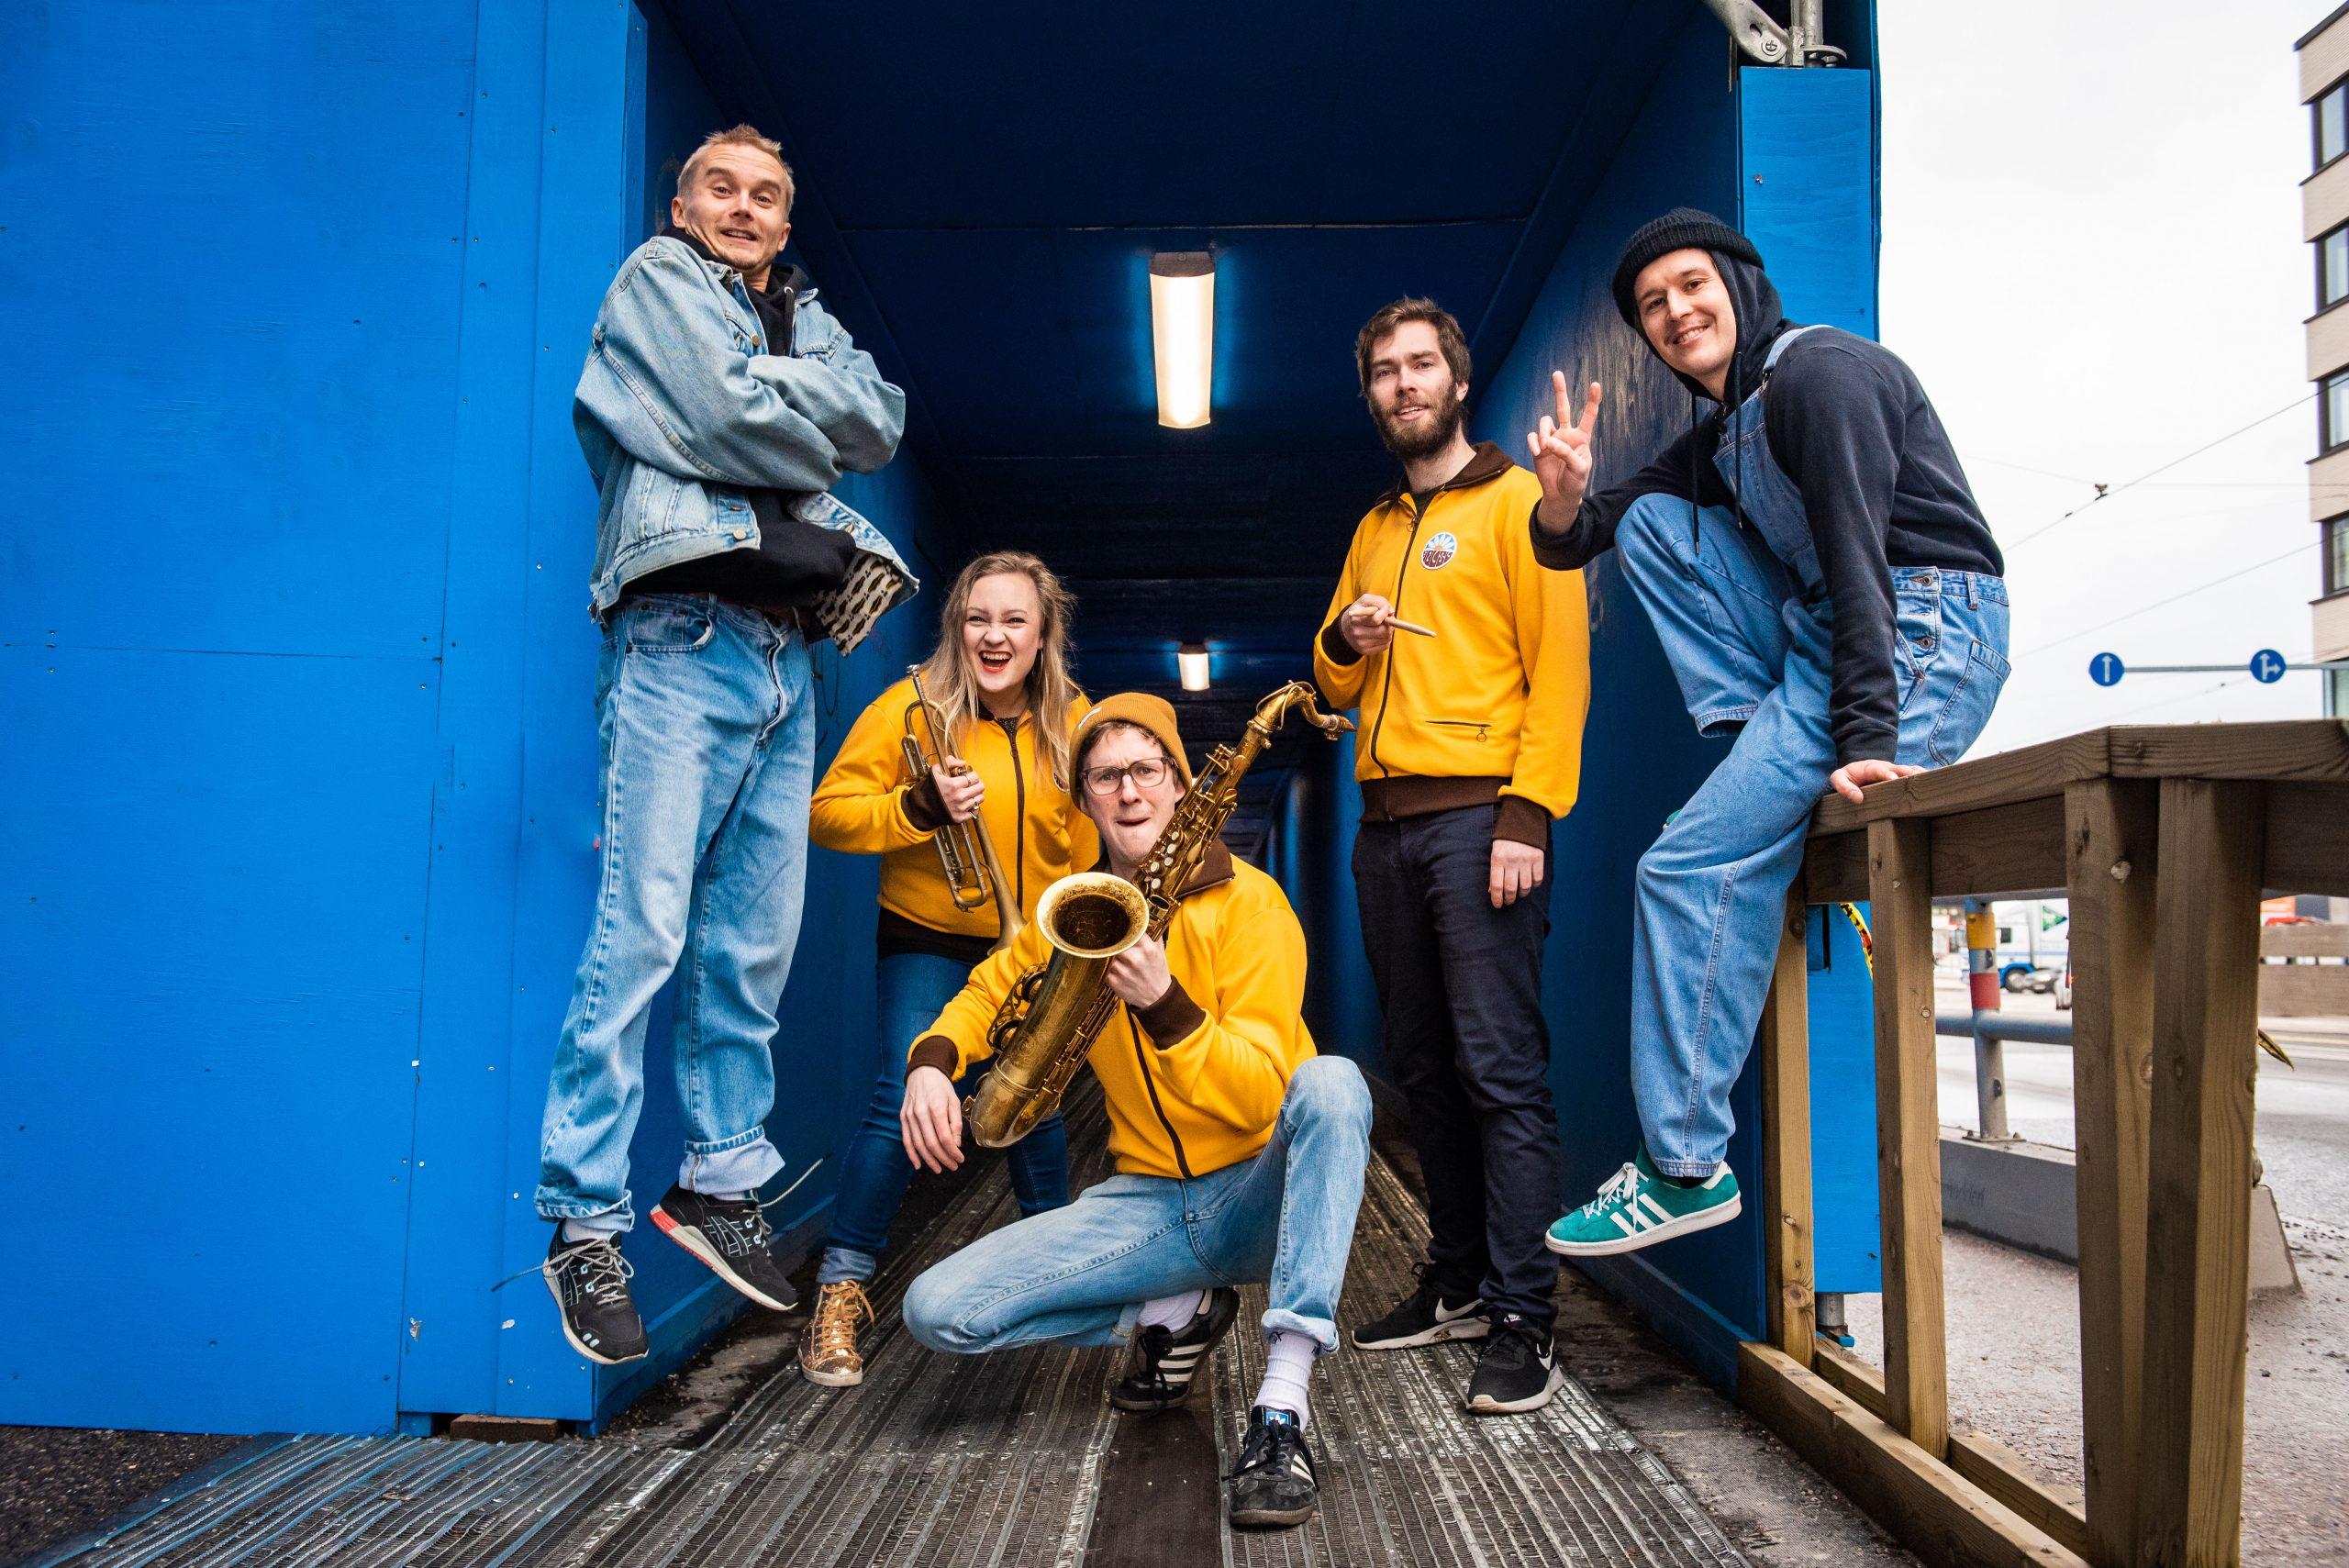 Kuvassa School Breaks yhtye ulkona teräskontin edessä soittimet kädessään.